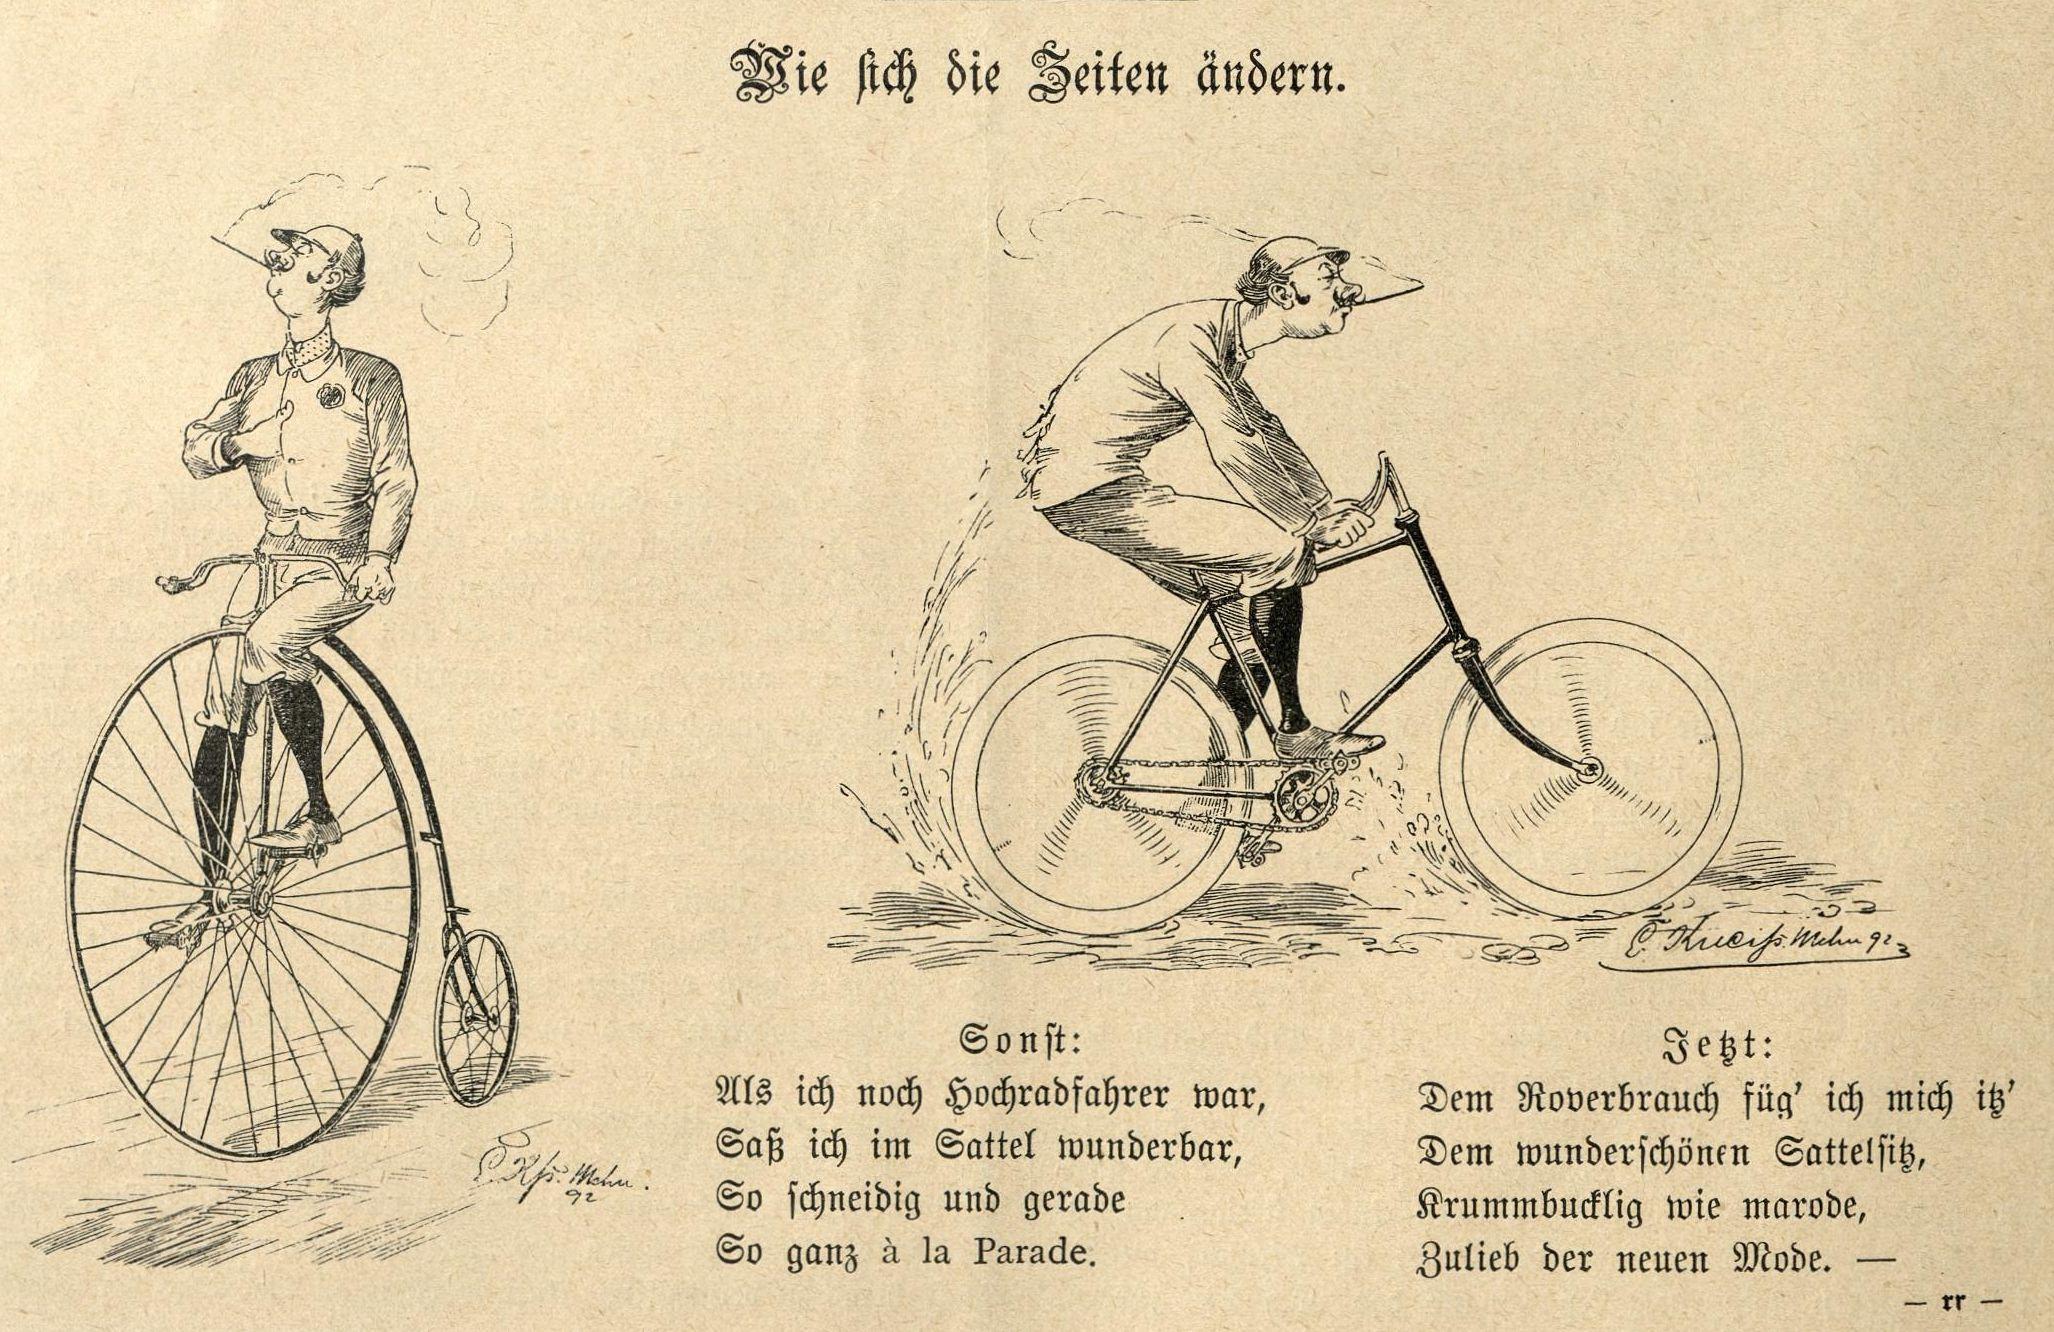 """Bild: """"Wie sich die Zeiten ändern"""": sonst stolzer Hochradfahrer, jetzt buckliger Niederradfahrer"""